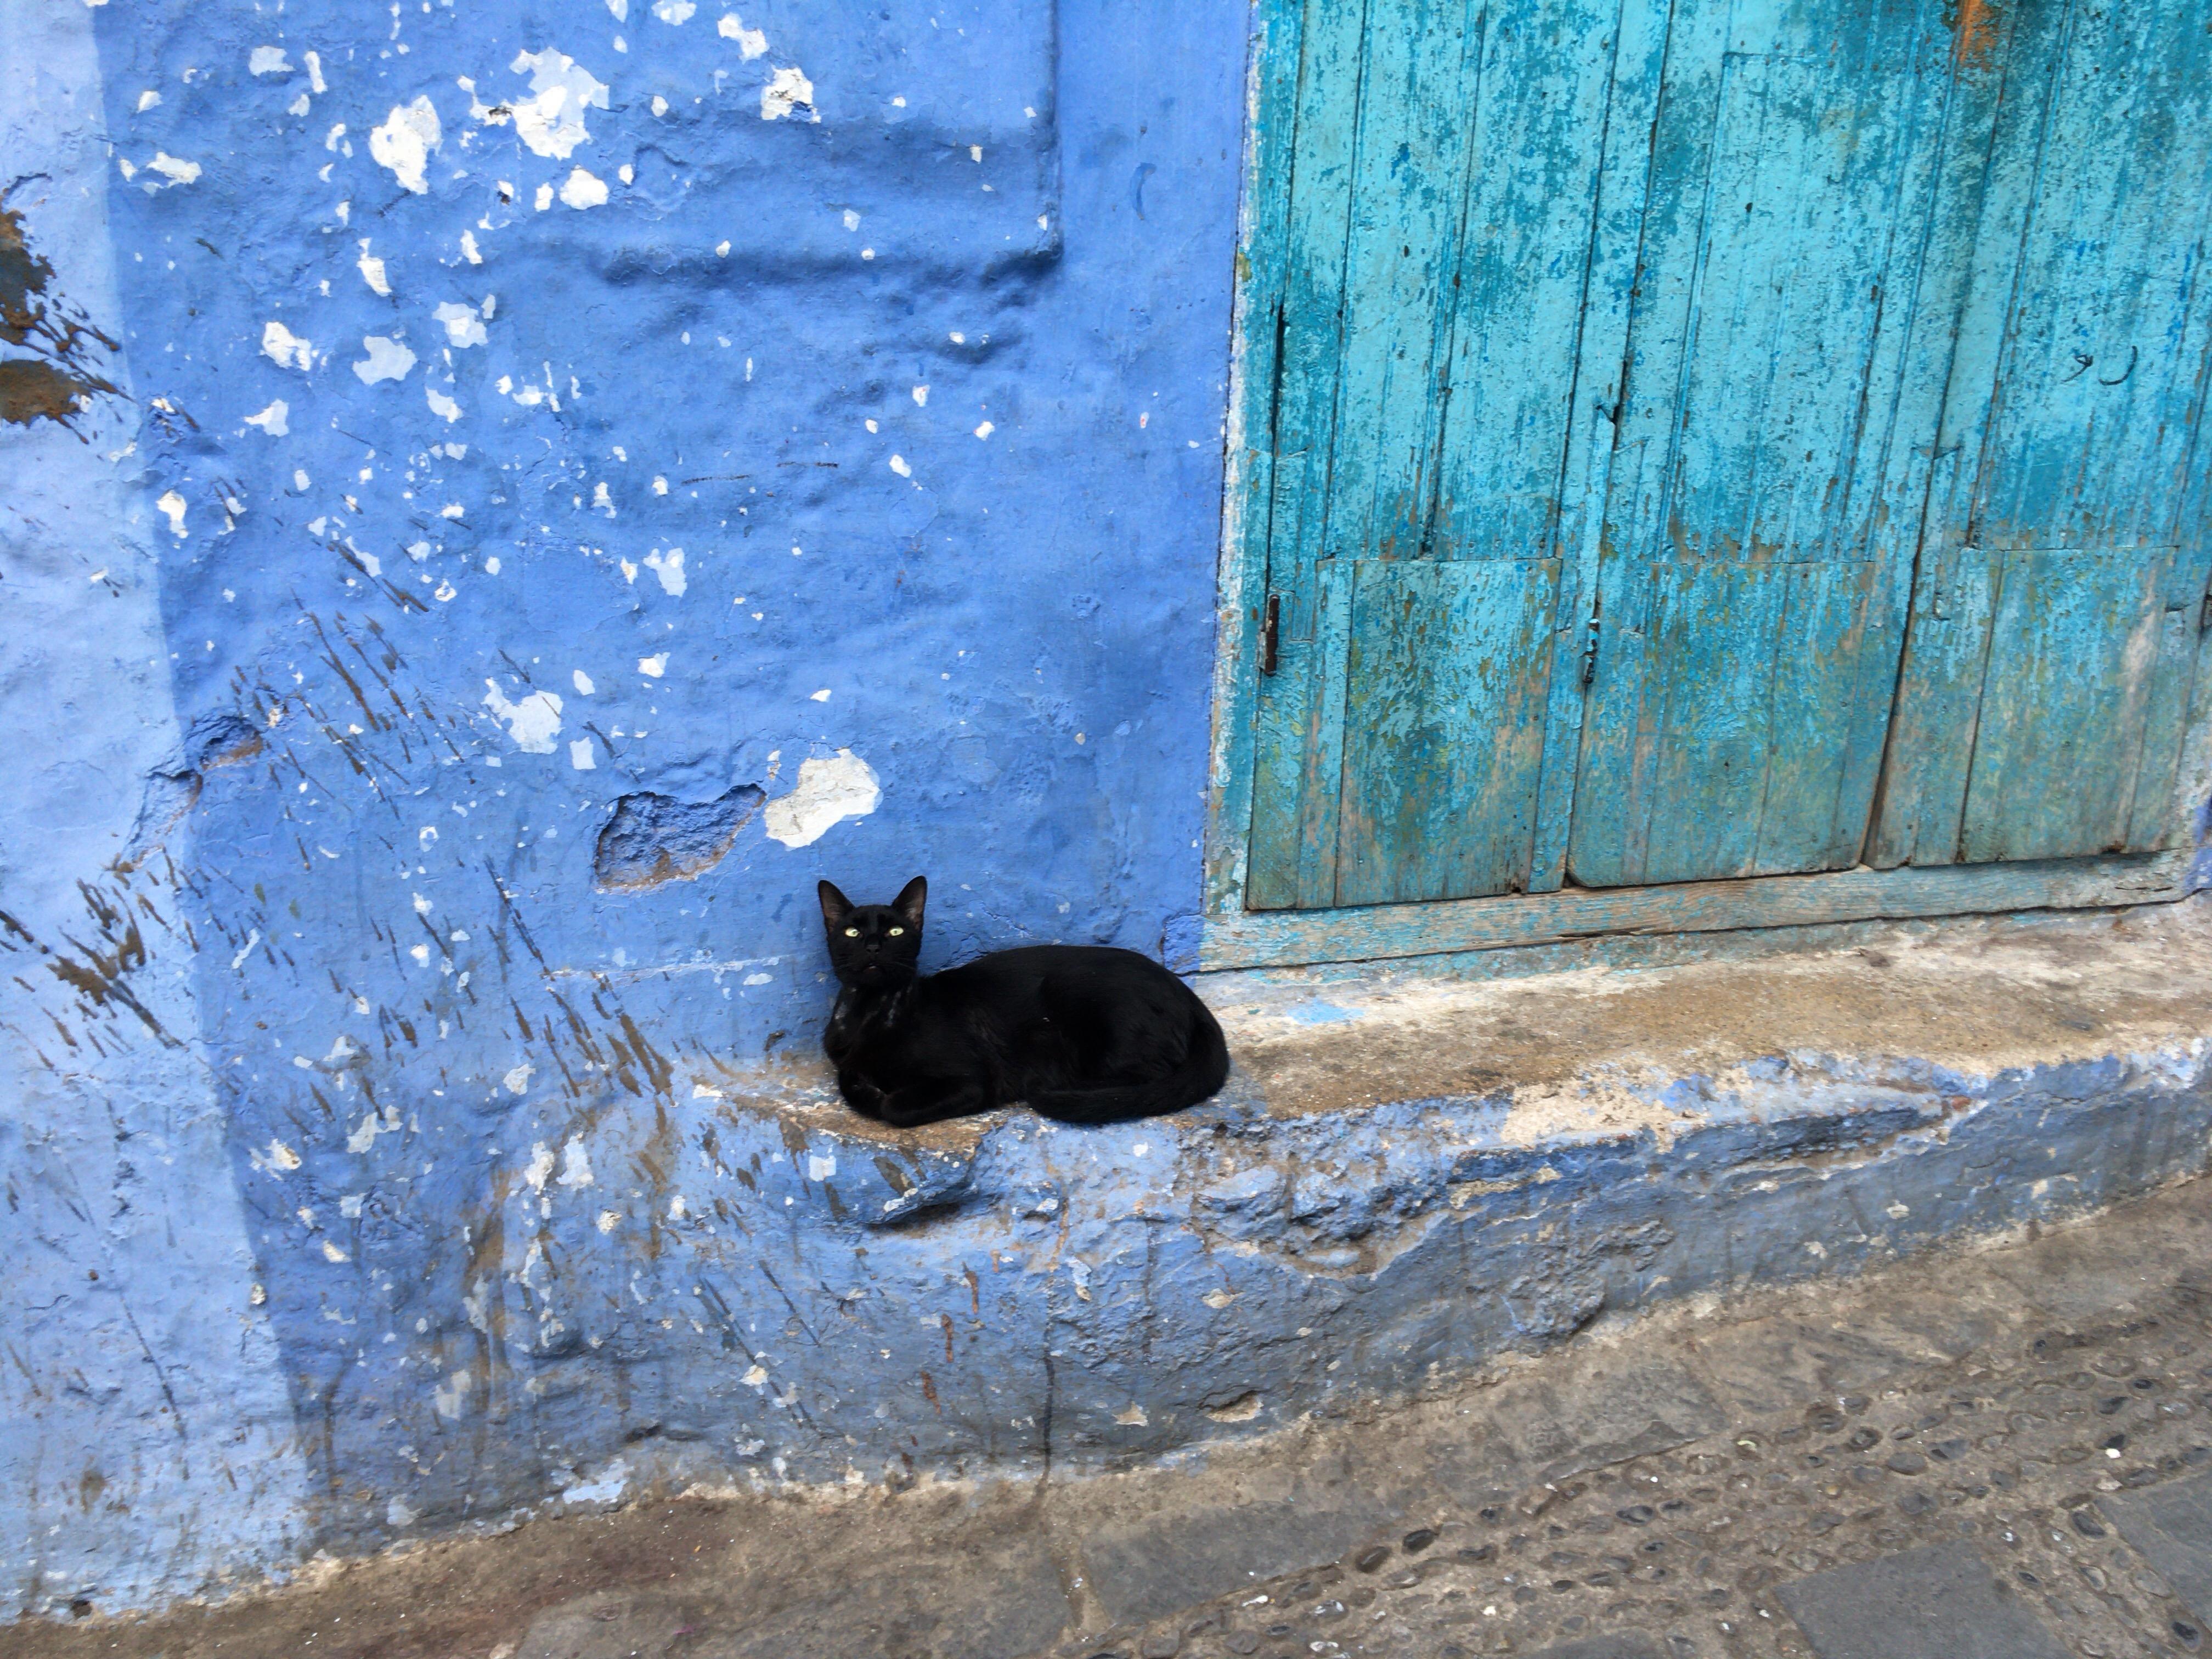 シャウエンの青い街と黒い猫